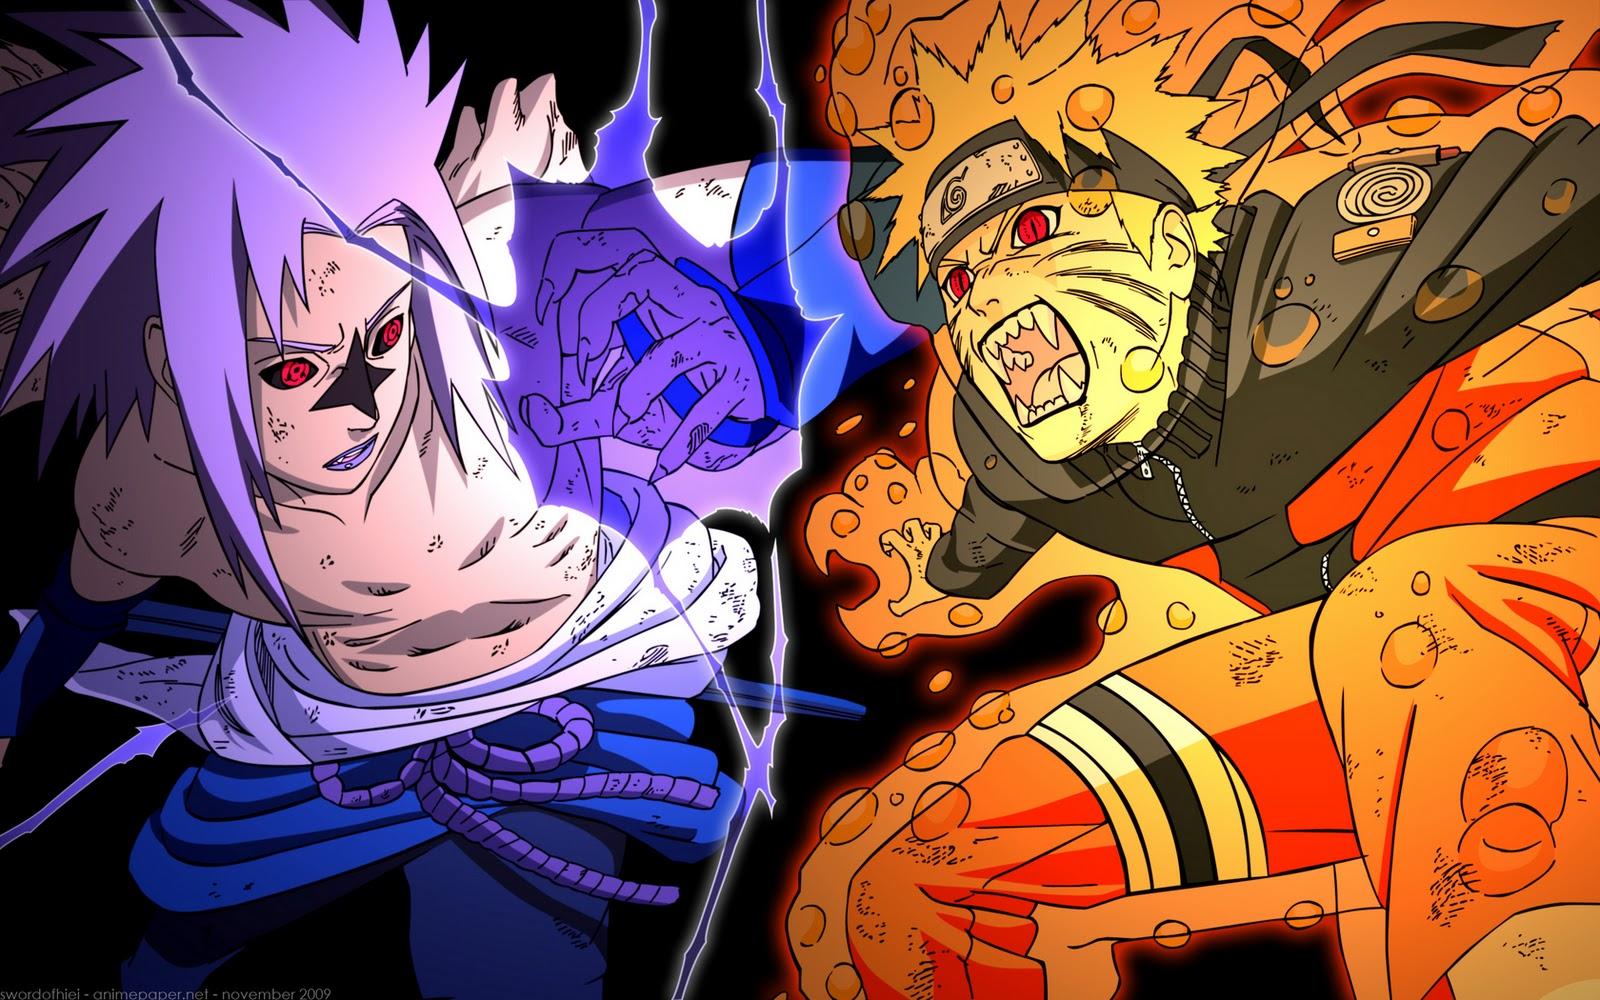 Sasuke Vs Naruto Shippuden Wallpaper Naruto vs sasuke 1600x1000